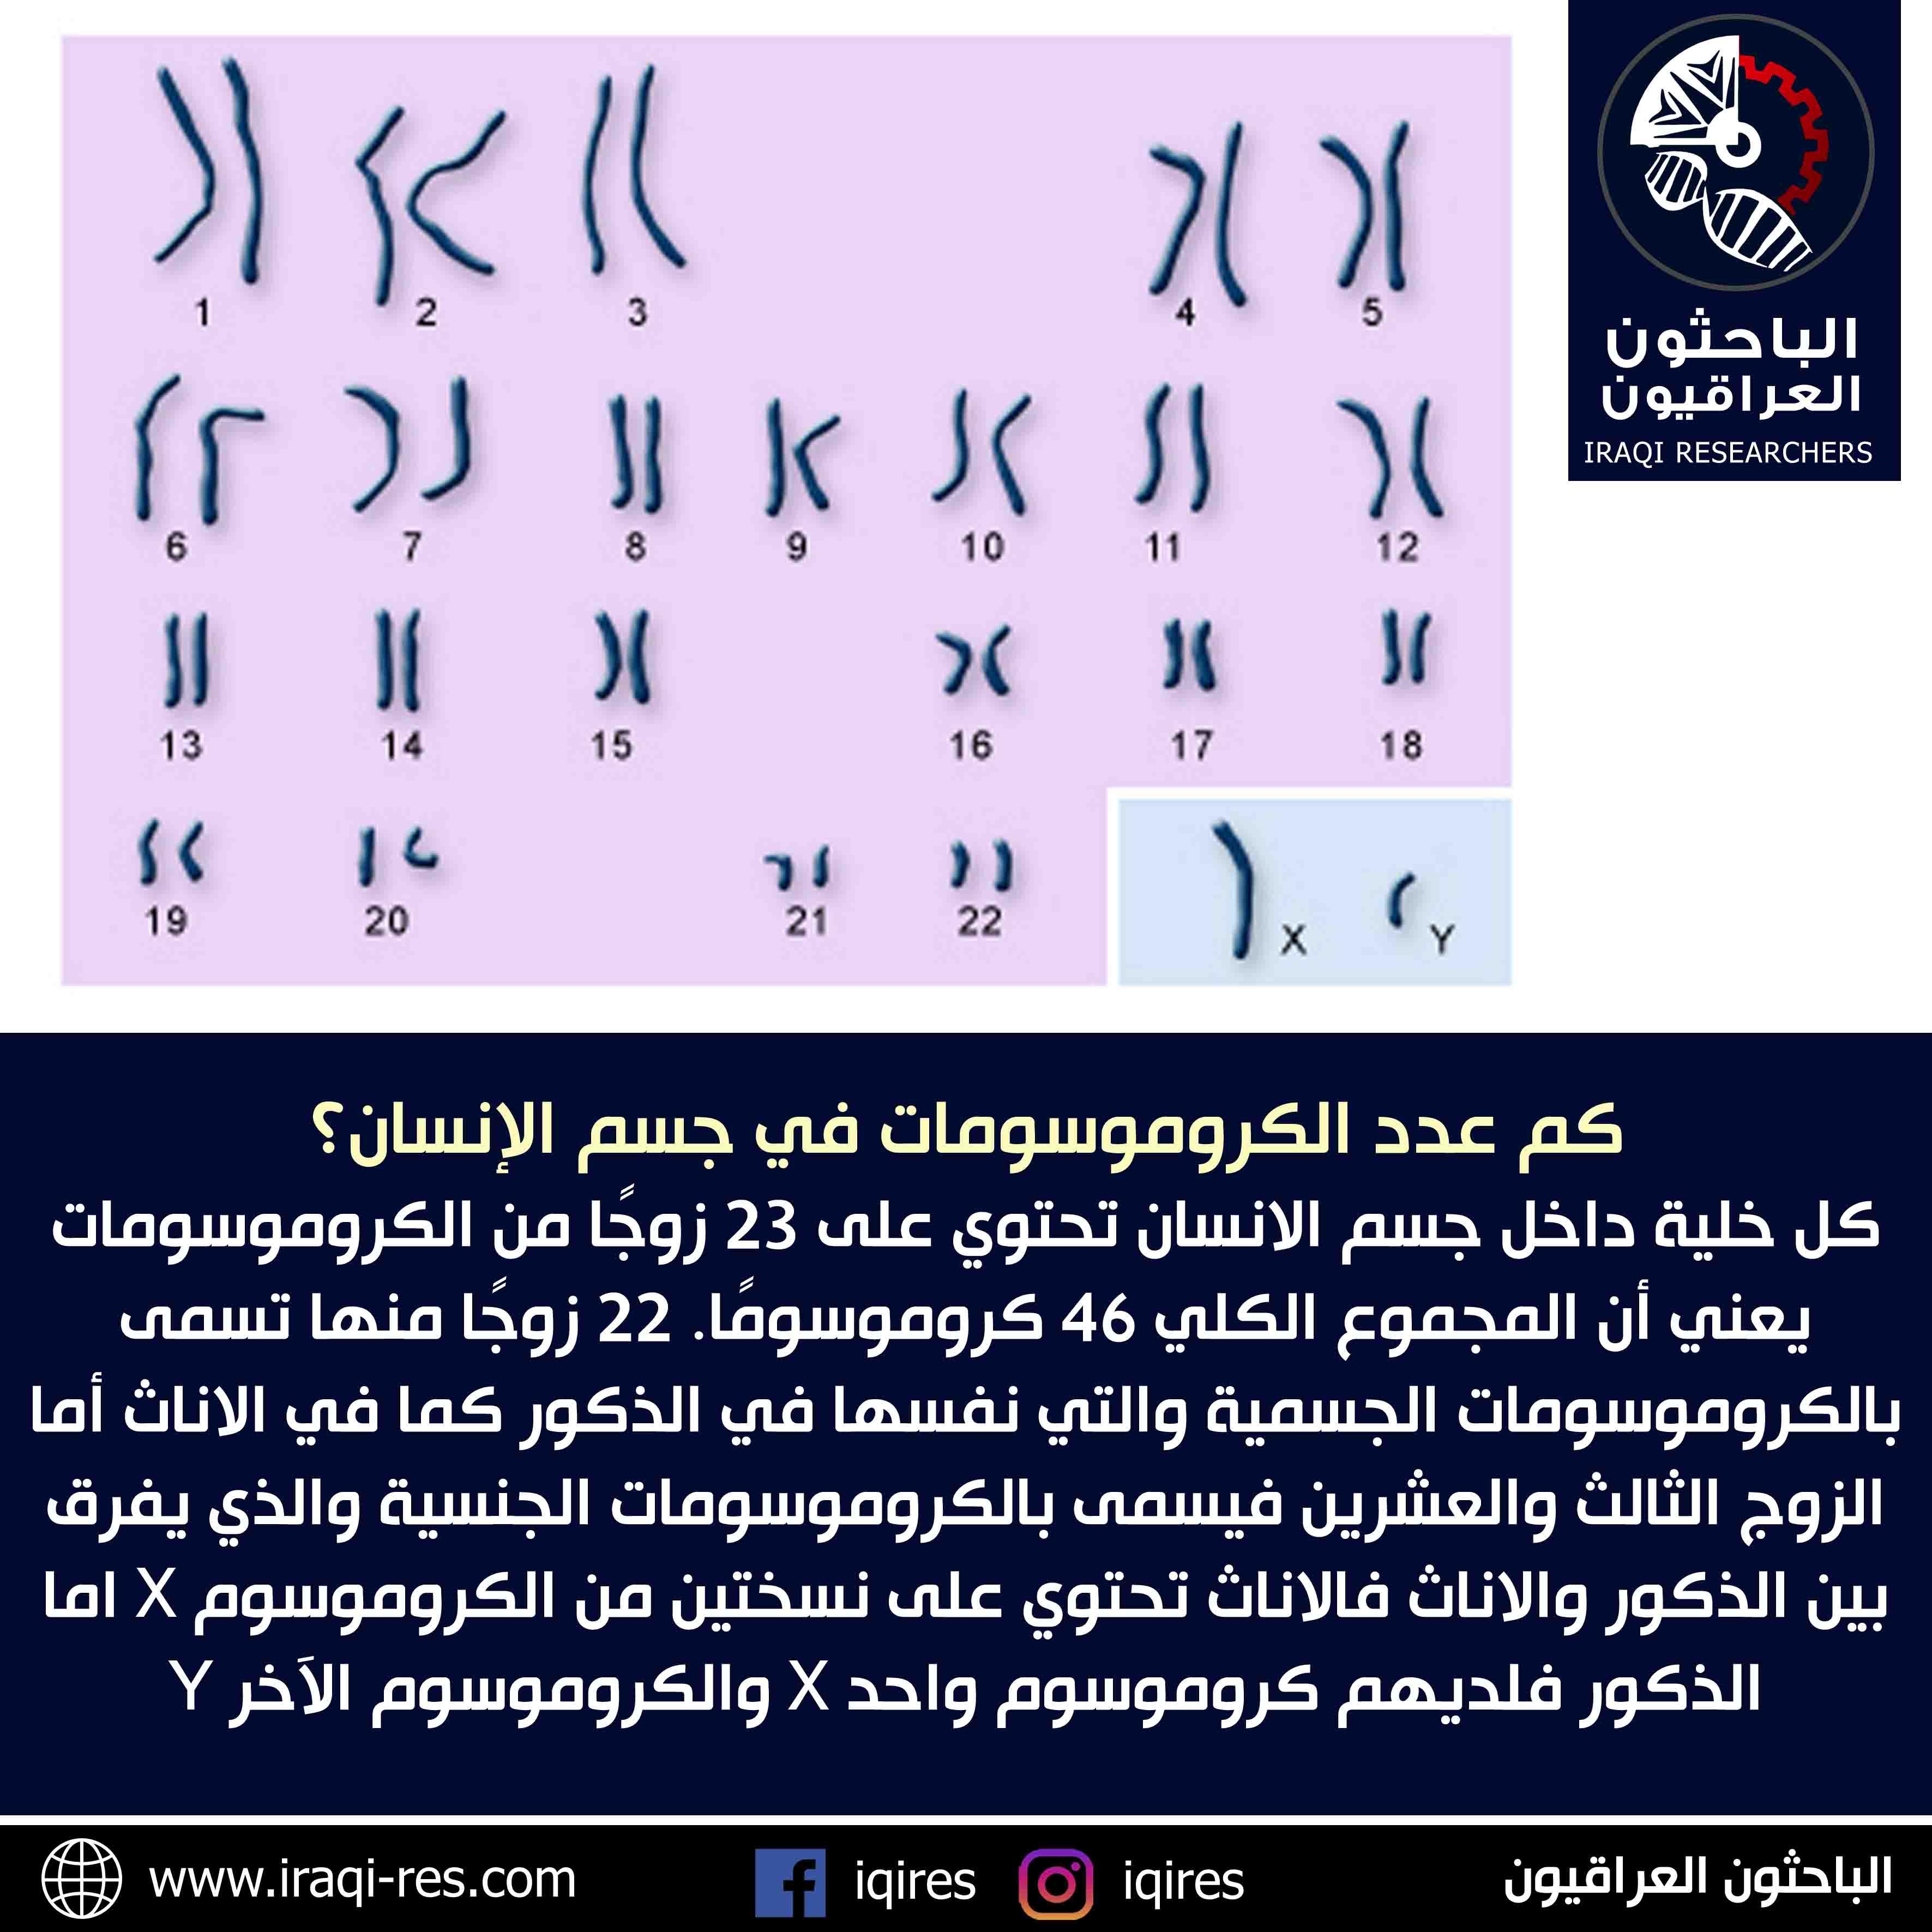 كم عدد الكروموسومات في جسم الإنسان؟ | الباحثون العراقيون